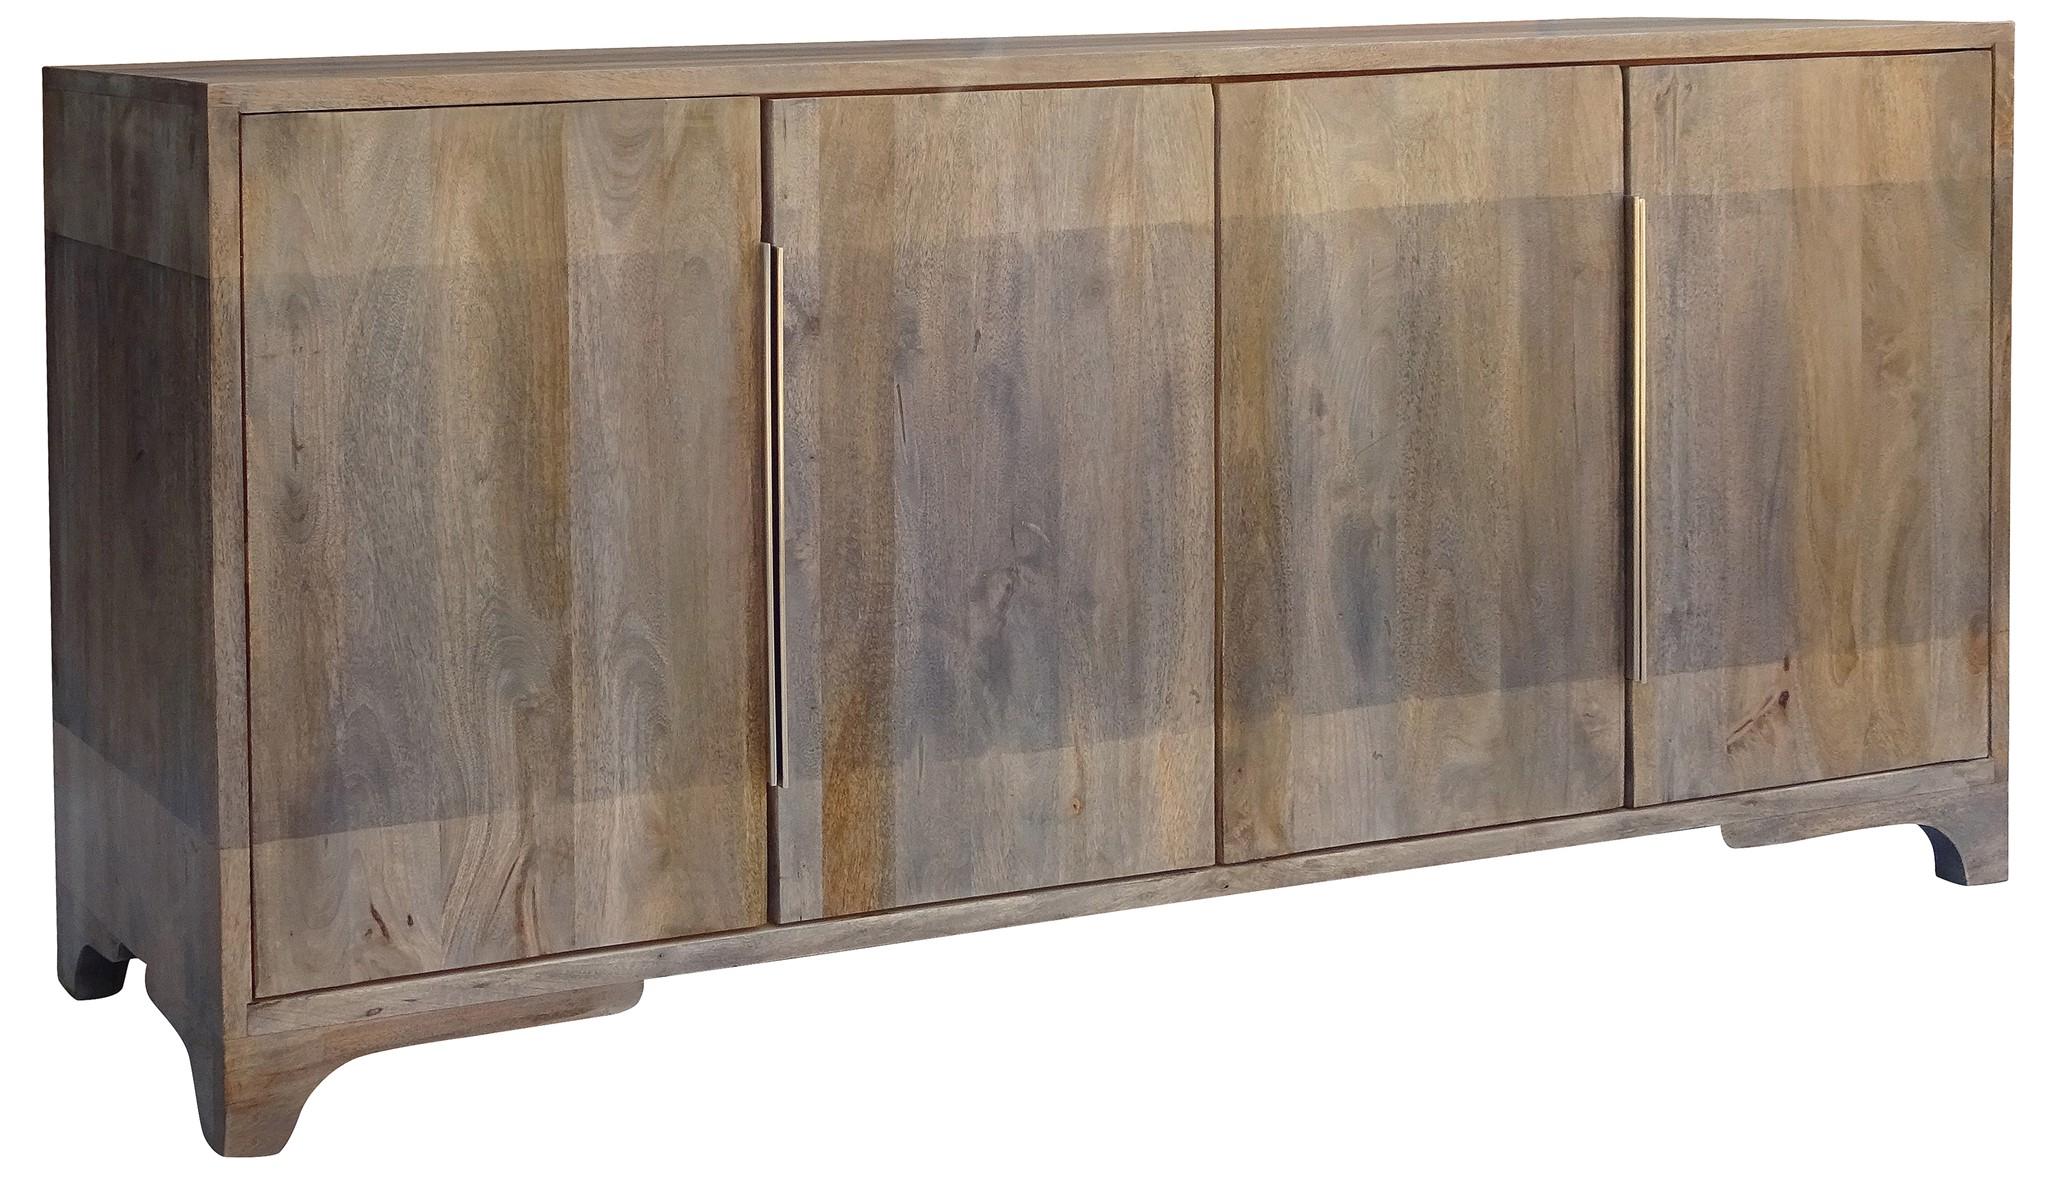 Bengal Manor 2 Tone Grey Mango Wood 4 Door Sideboard – Walmart For Famous Mango Wood Grey 4 Drawer 4 Door Sideboards (View 5 of 20)